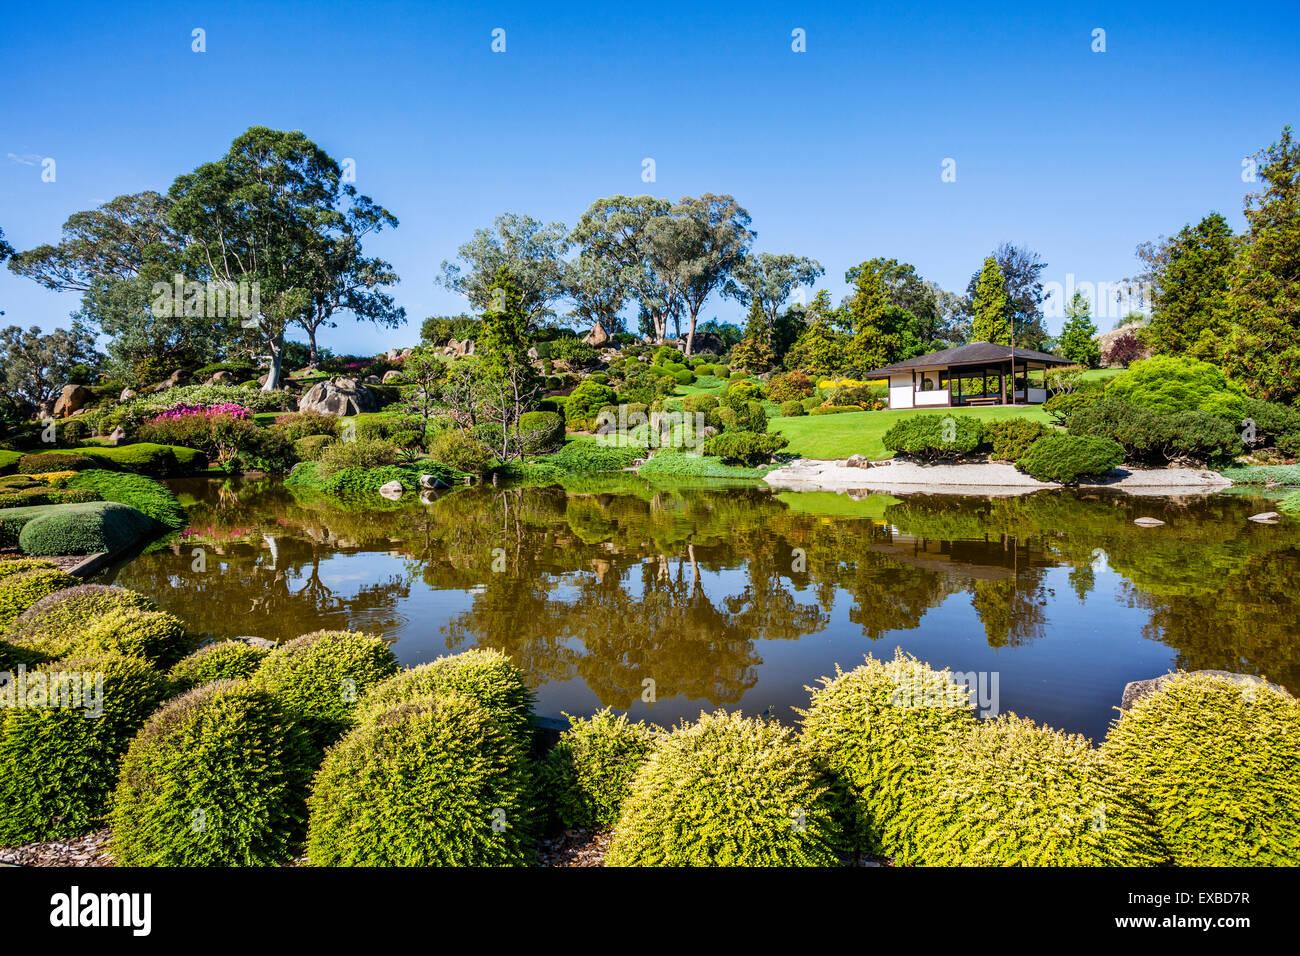 L'Australie, Nouvelle Galles du Sud, région du Centre-Ouest, le lac et salon de thé au jardin japonais Photo Stock